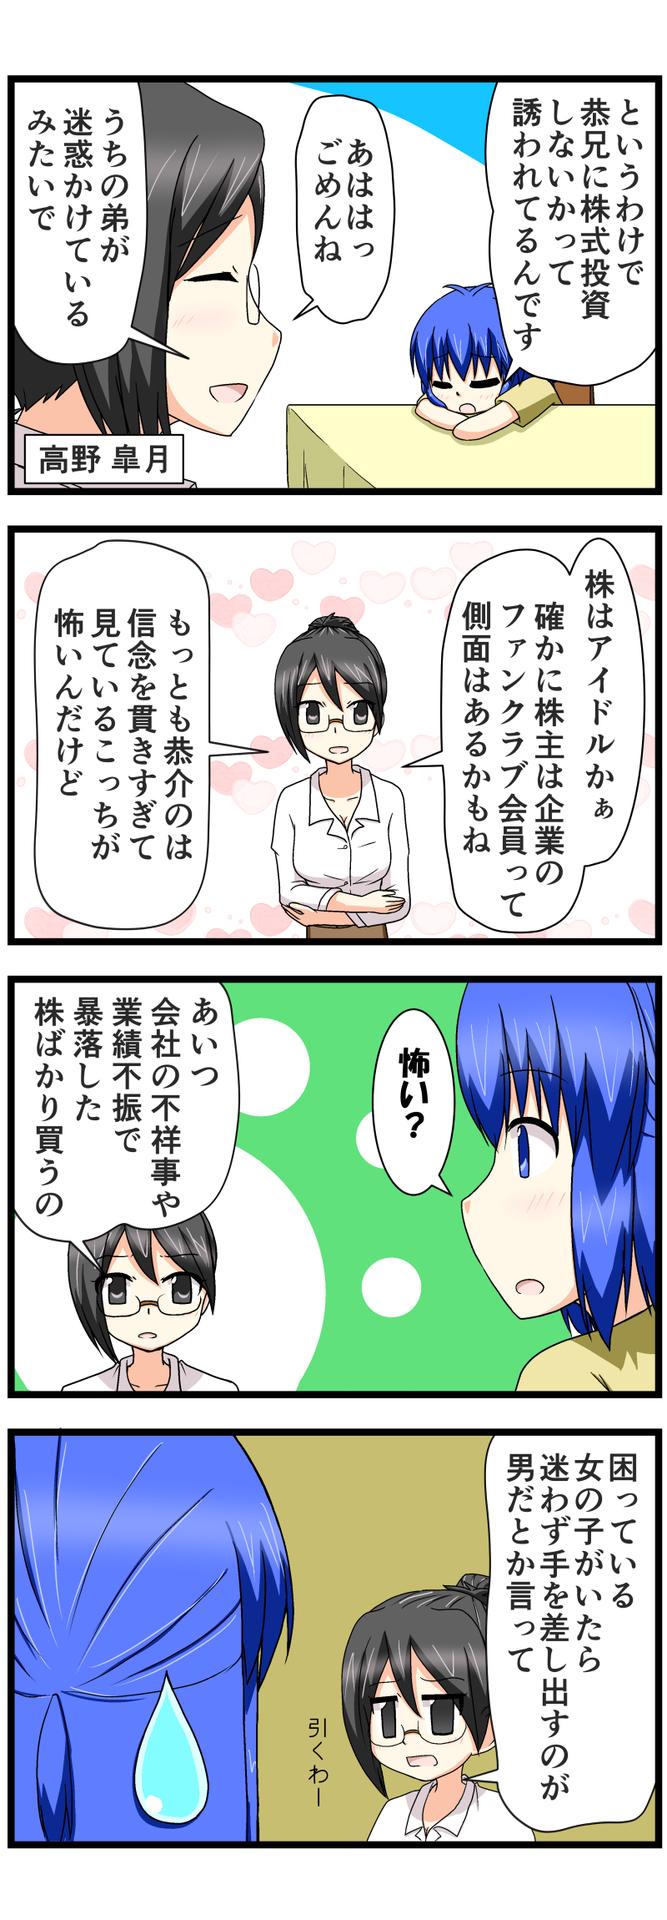 萌える株セミナー12.jpg